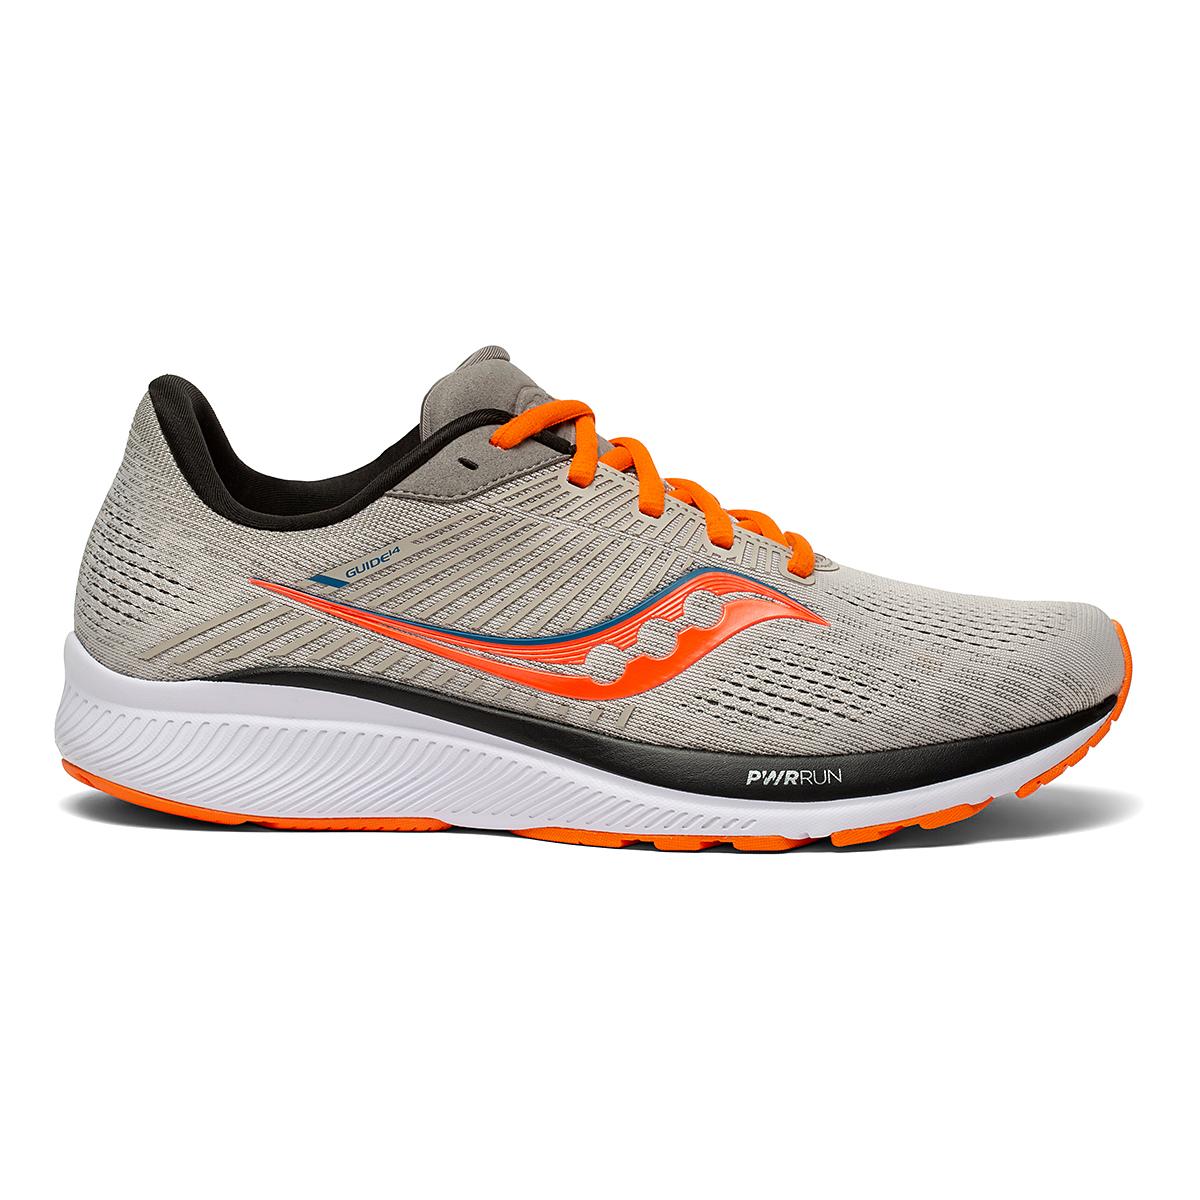 Men's Saucony Guide 14 Running Shoe - Color: Jackalope - Size: 7 - Width: Regular, Jackalope, large, image 1